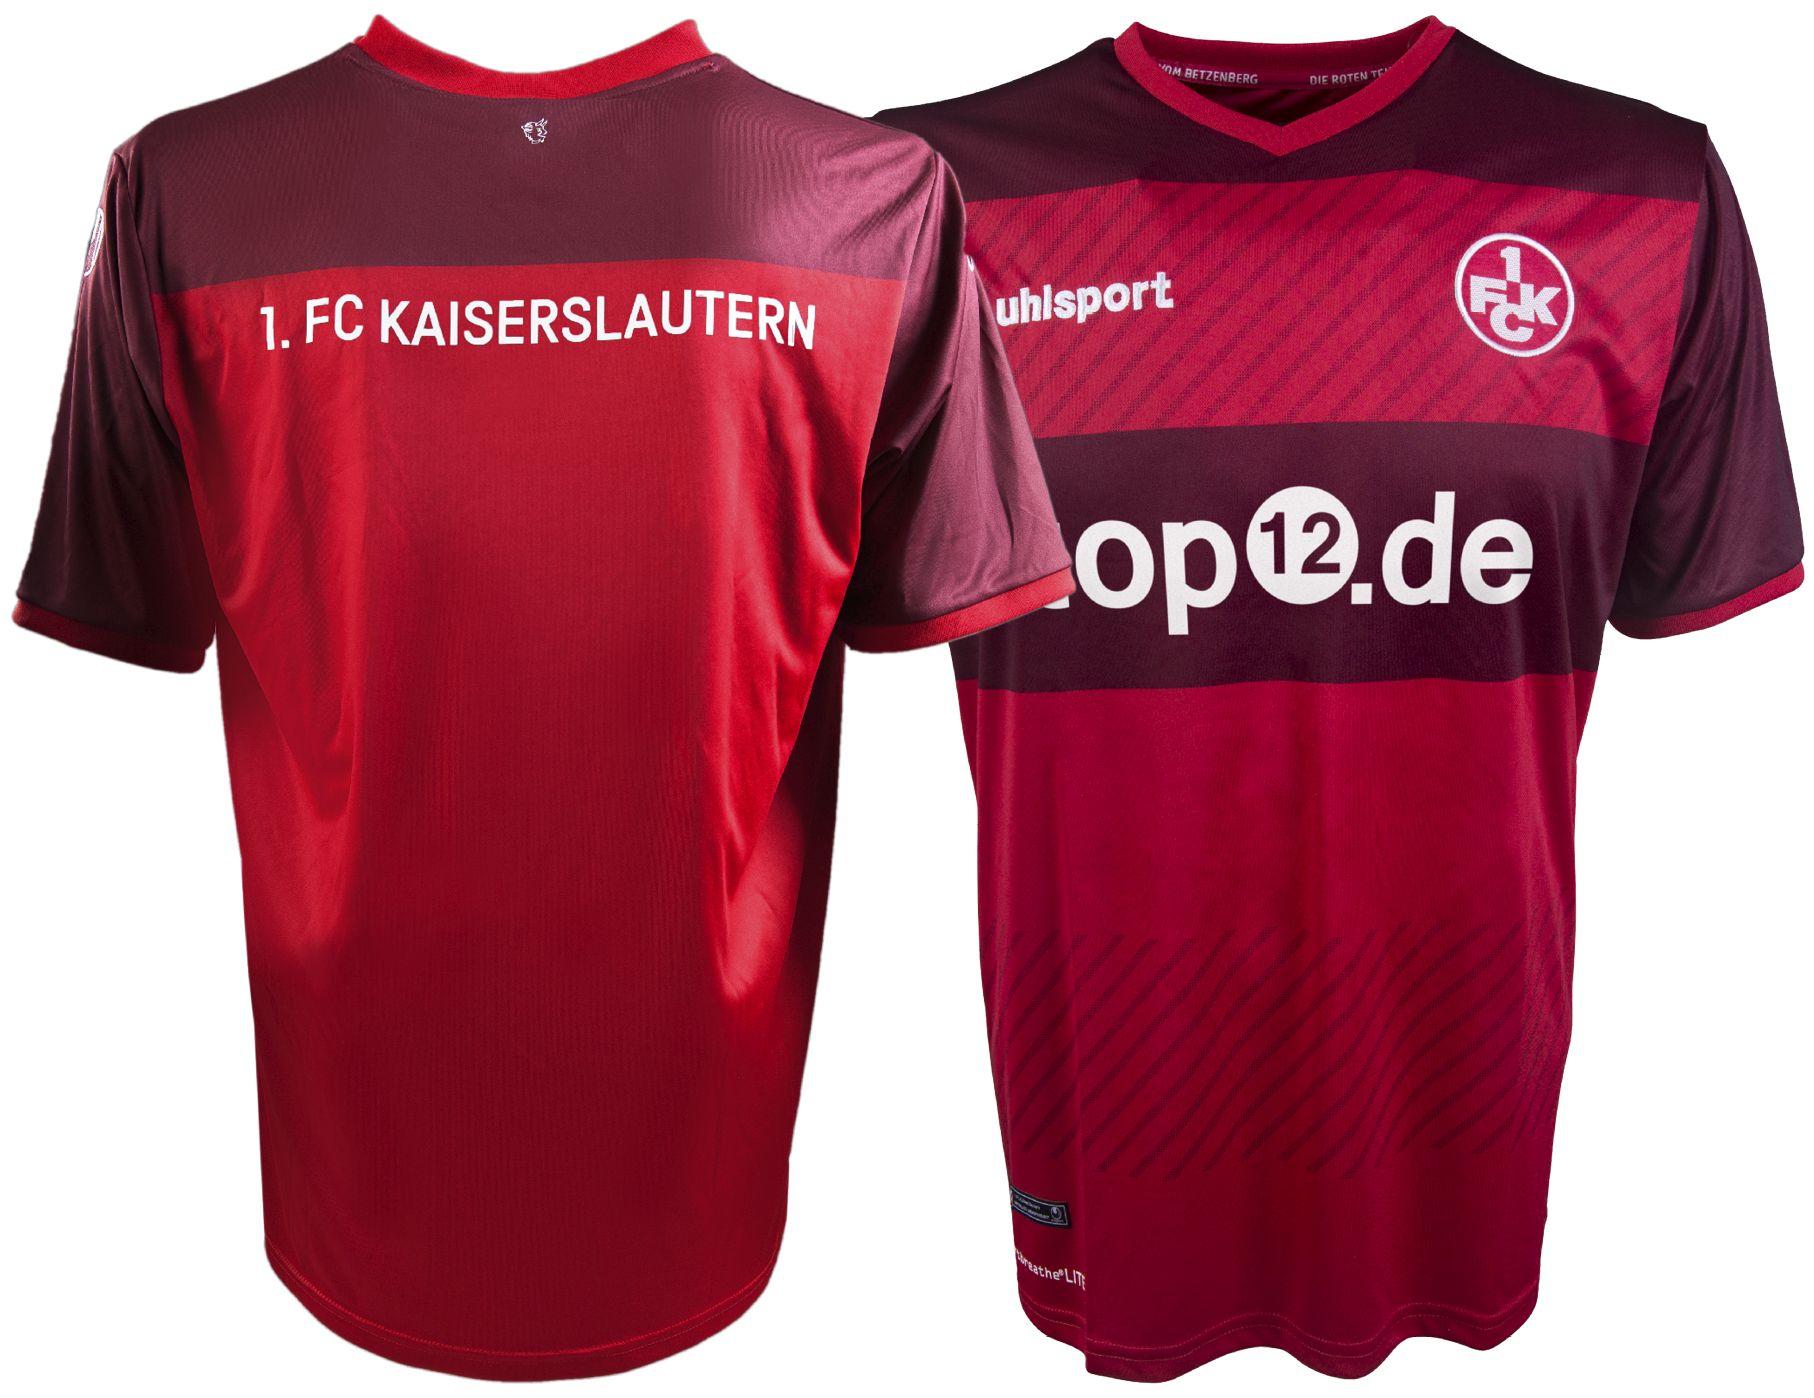 [Top12.de] 1.FC Kaiserslautern Trikots für 17,58€ (Saison 15/16) oder 16/17 für 43,48€